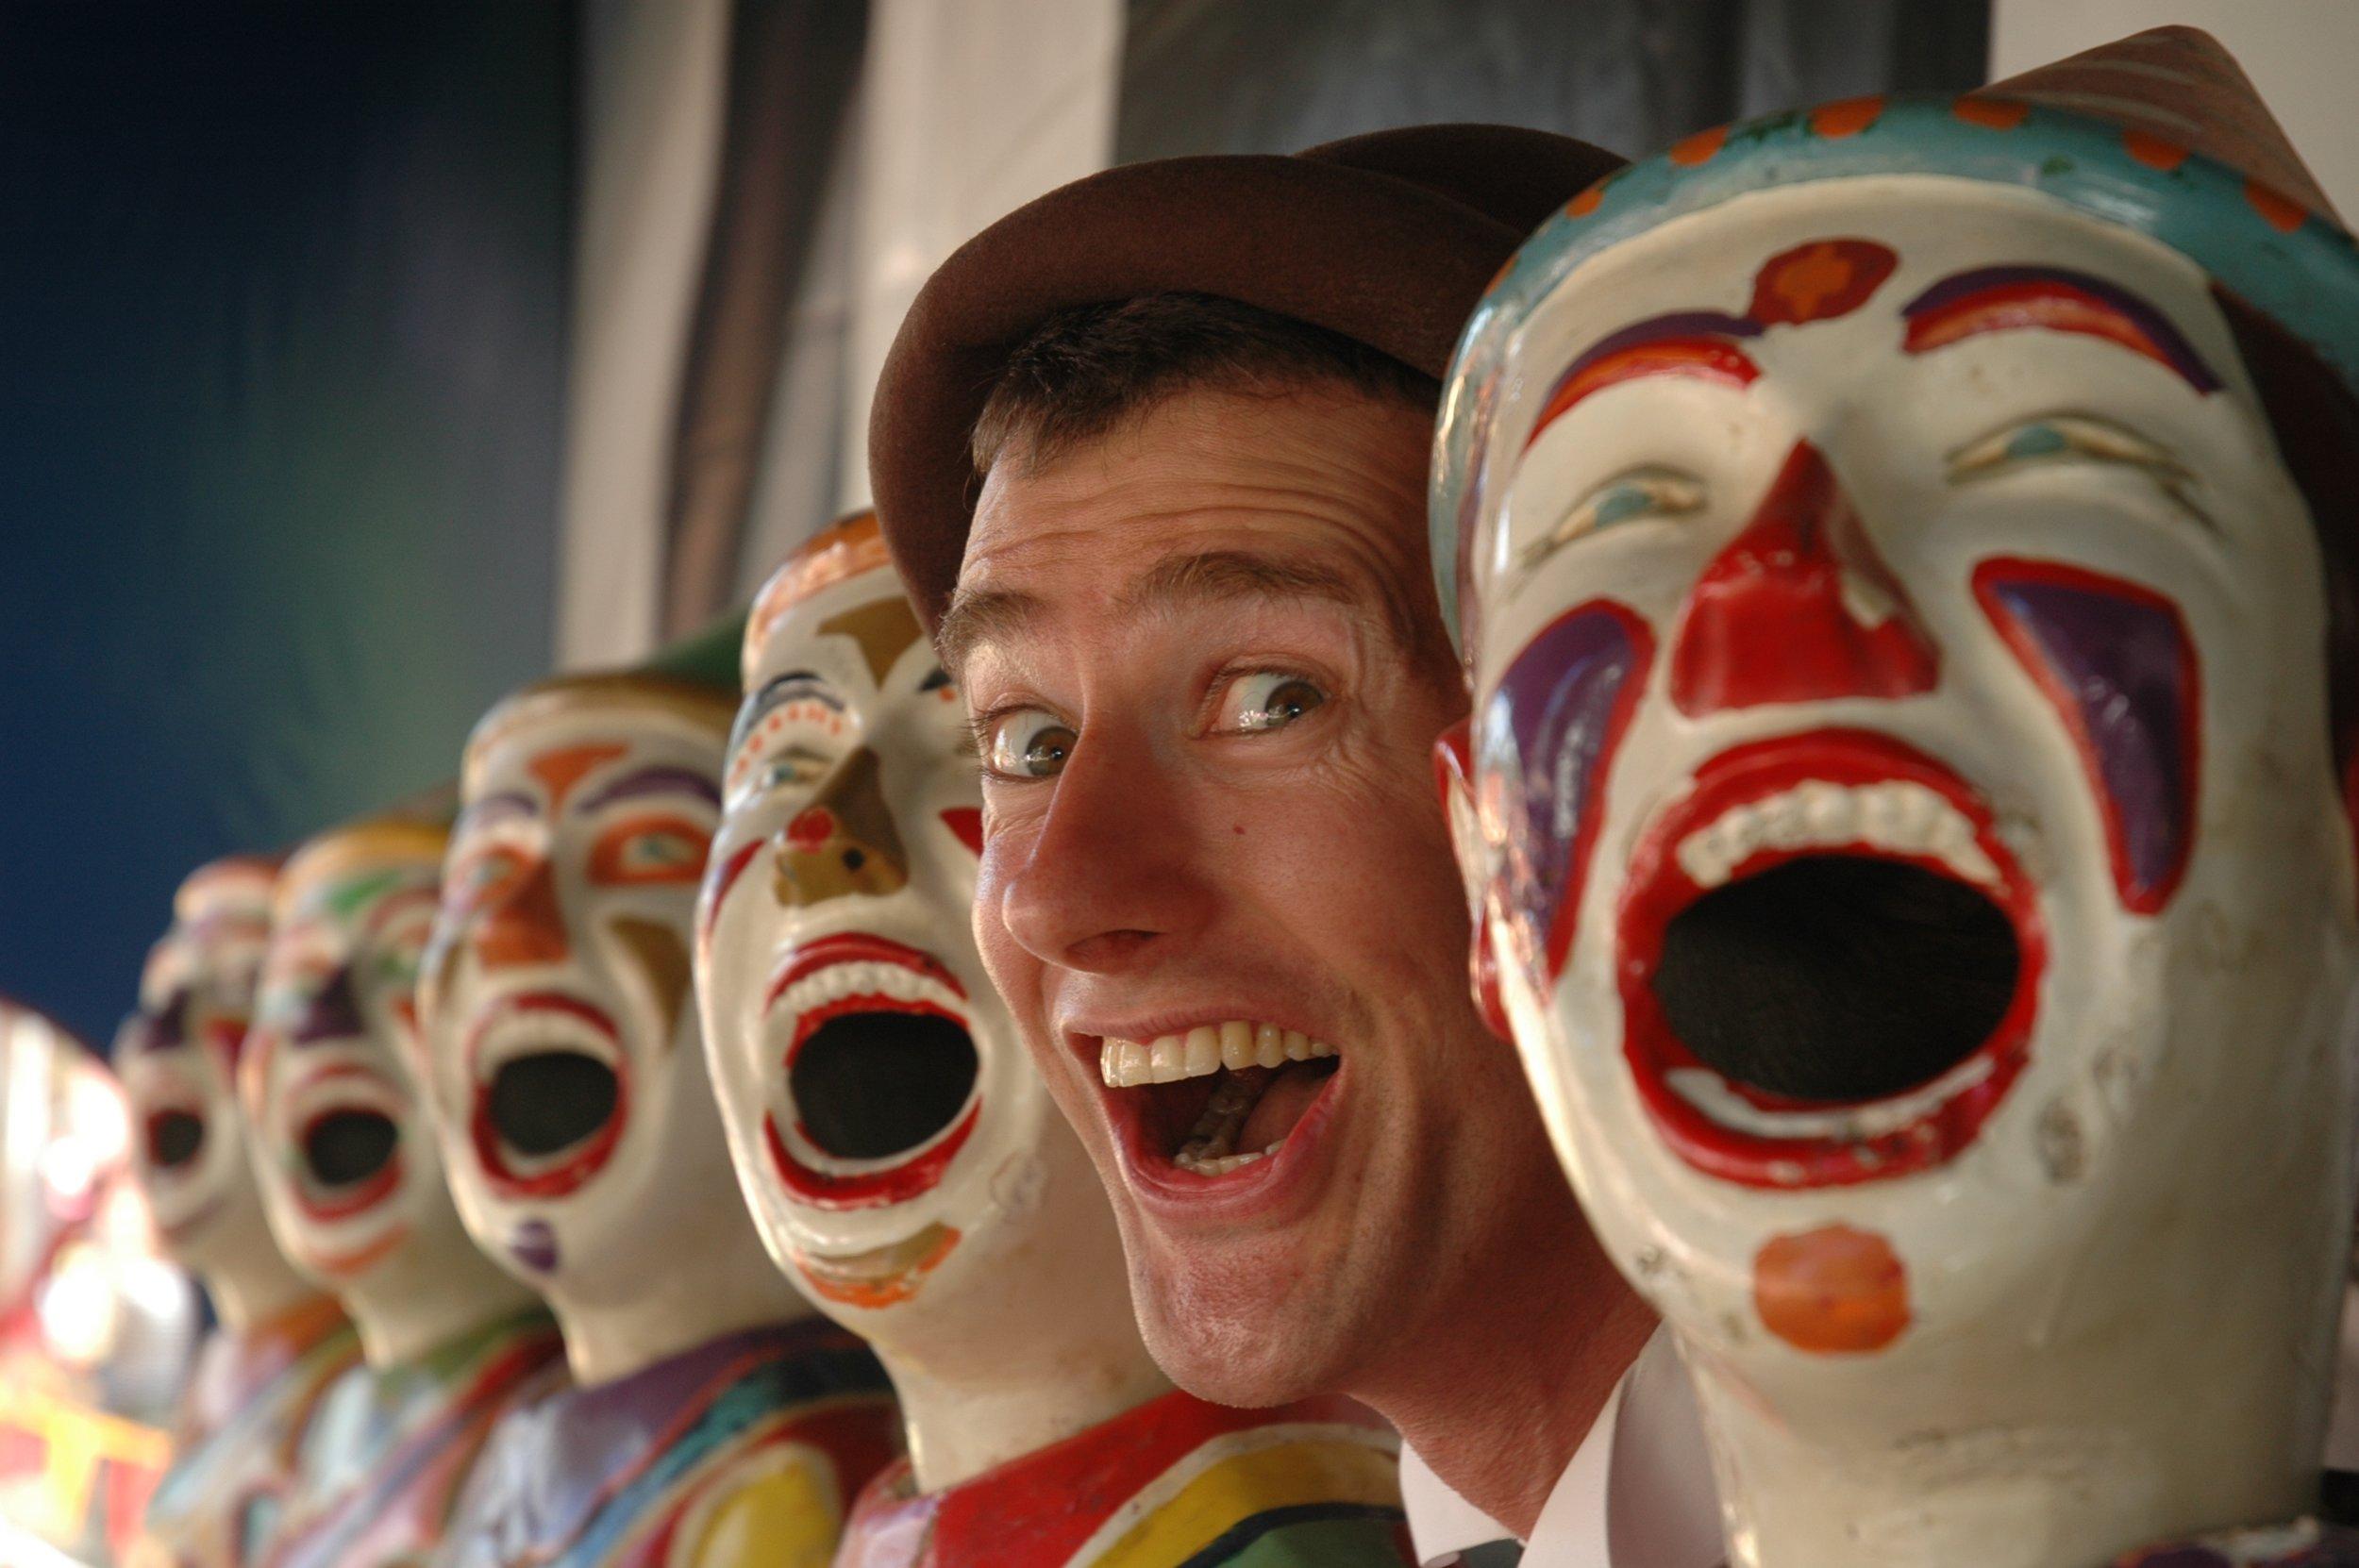 clowns in a row.jpg